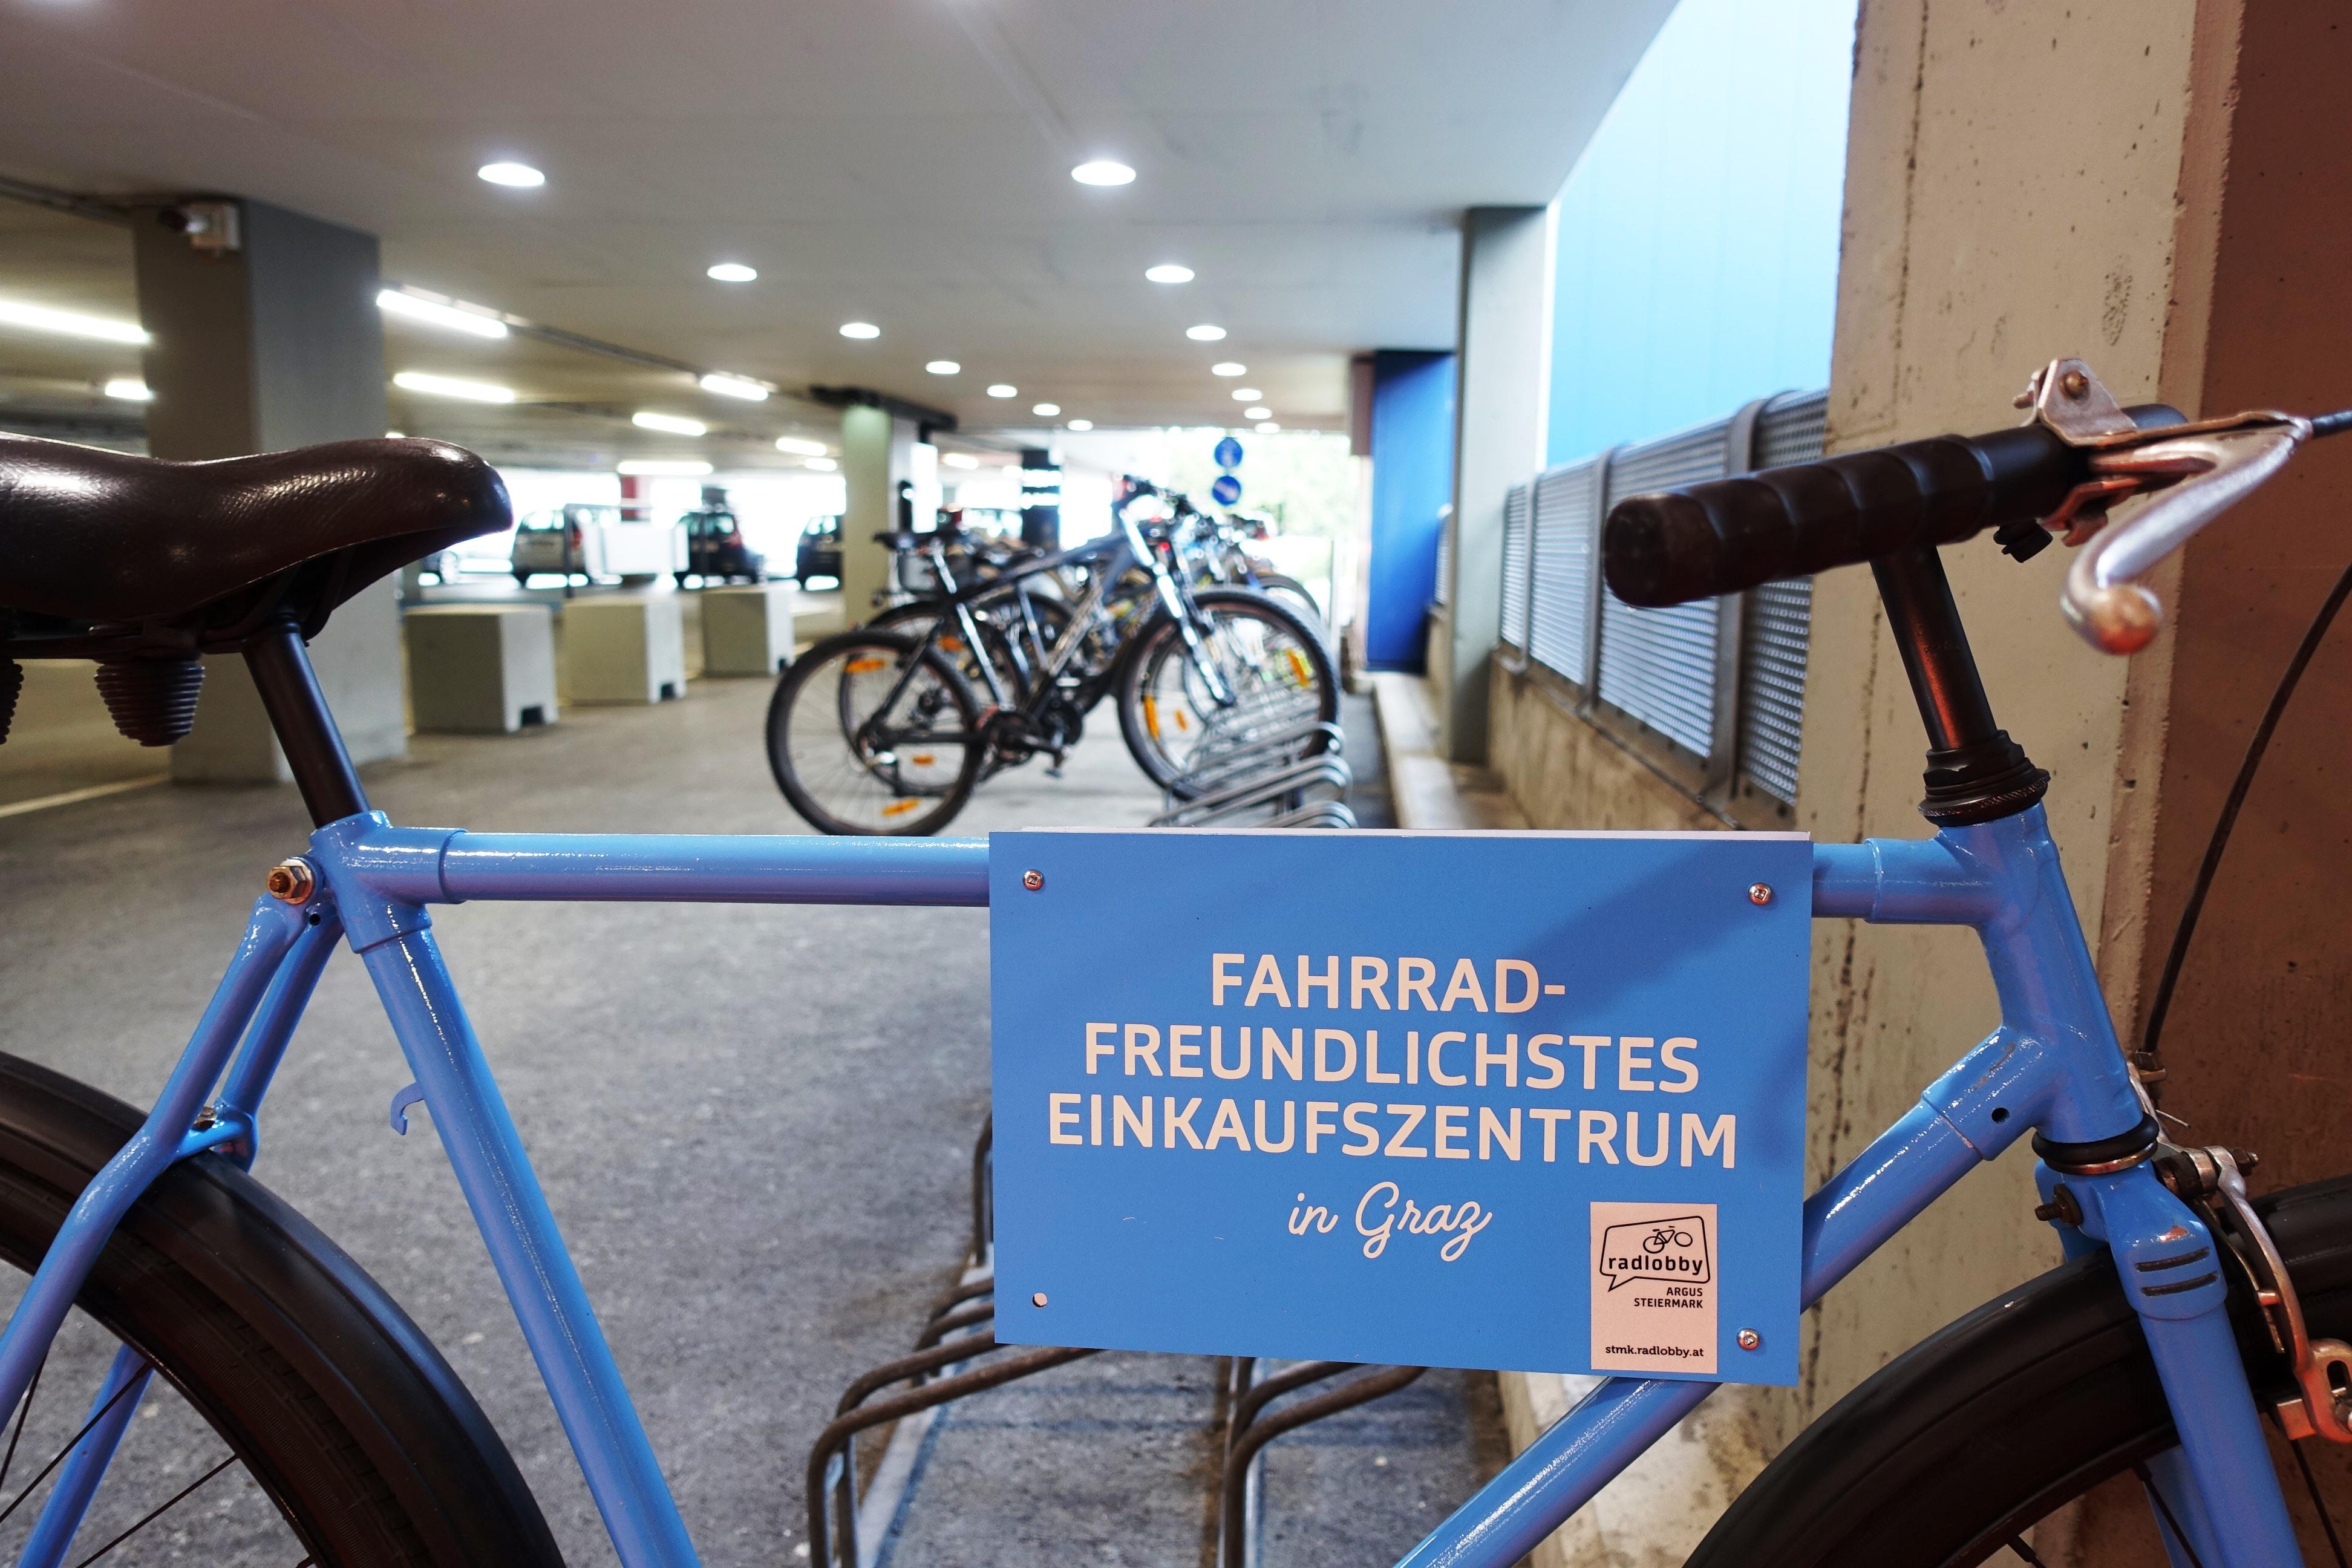 Fahrrad Check am Prüfstand! | Arbeiterkammer Wien